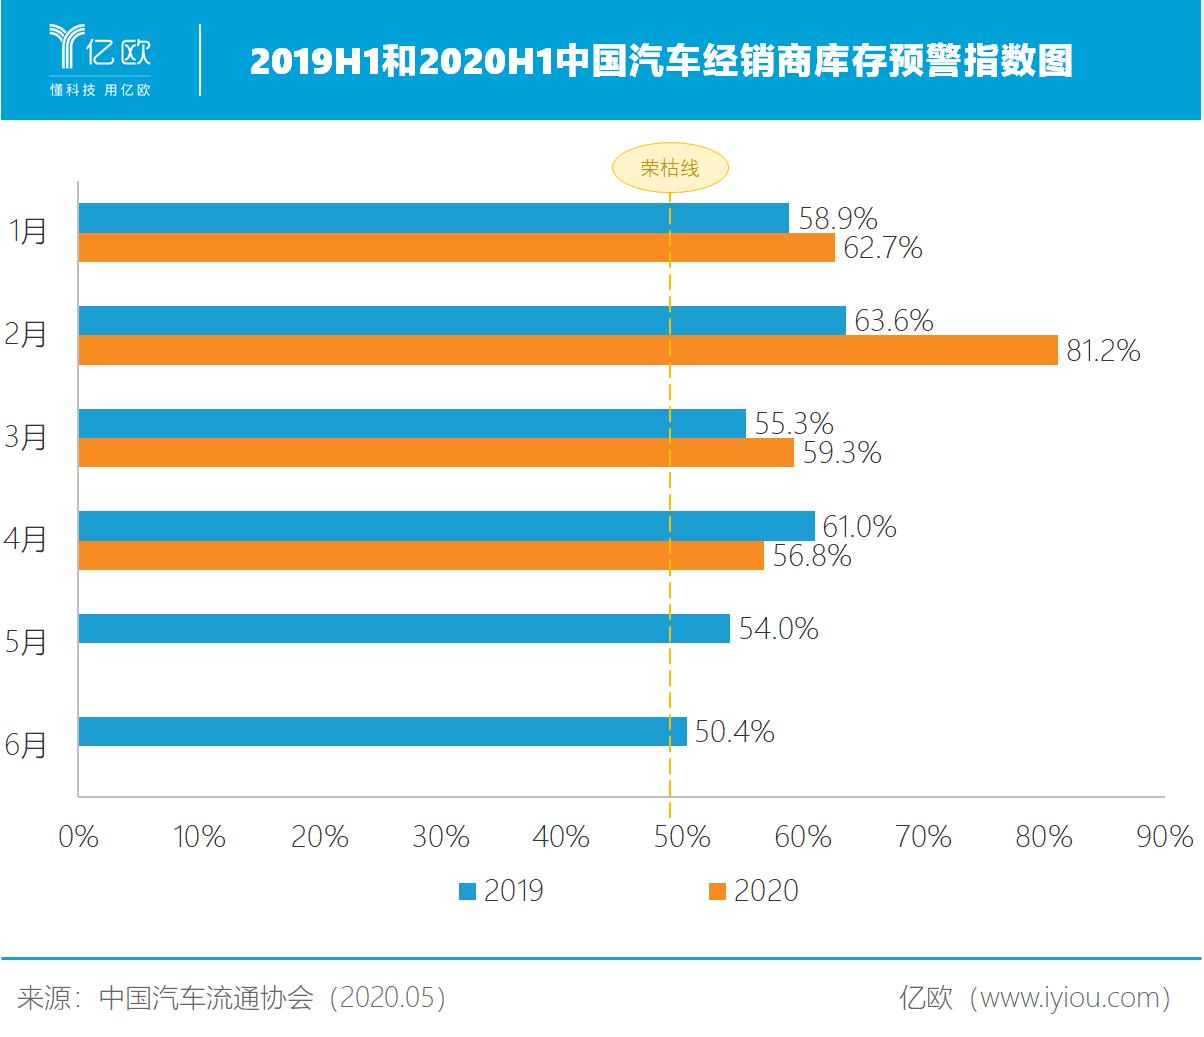 2019H1和2020H1中国汽车经销商库存预警指数图